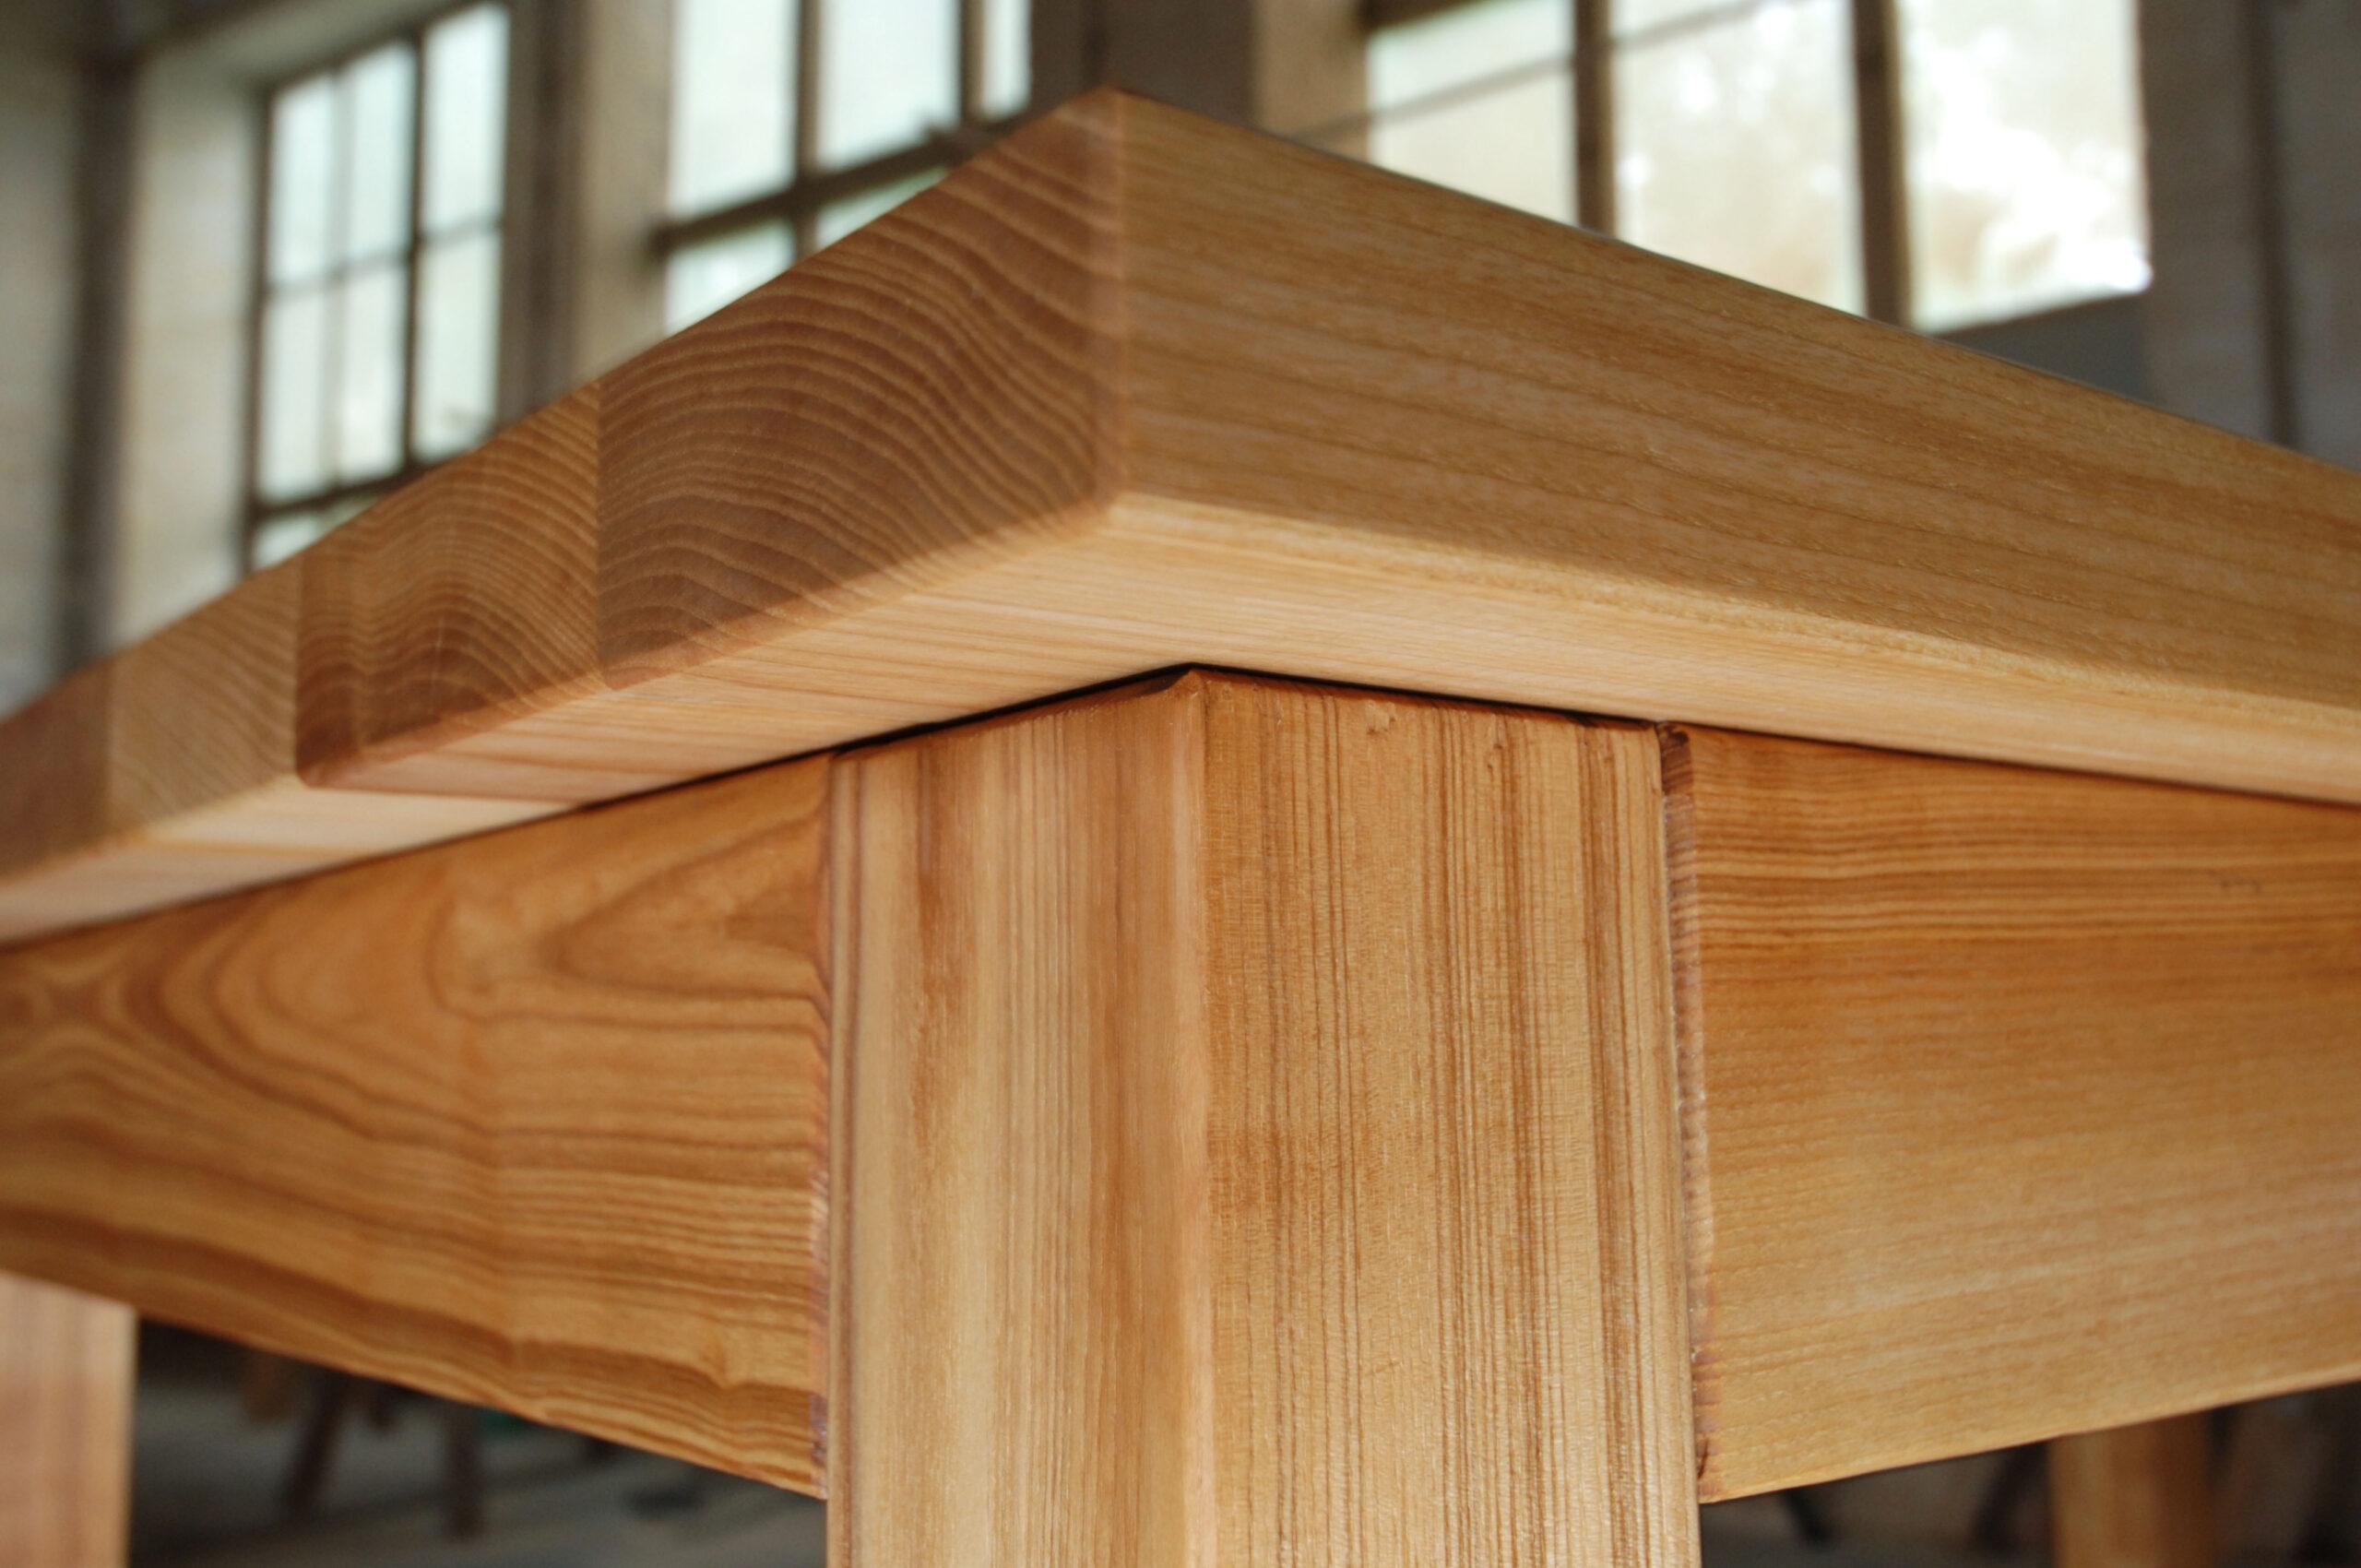 Full Size of Küchen Bartisch Fr Kche Aus Holz Sthle Buche Eiche Ahorn Massiv Gnstig Küche Regal Wohnzimmer Küchen Bartisch